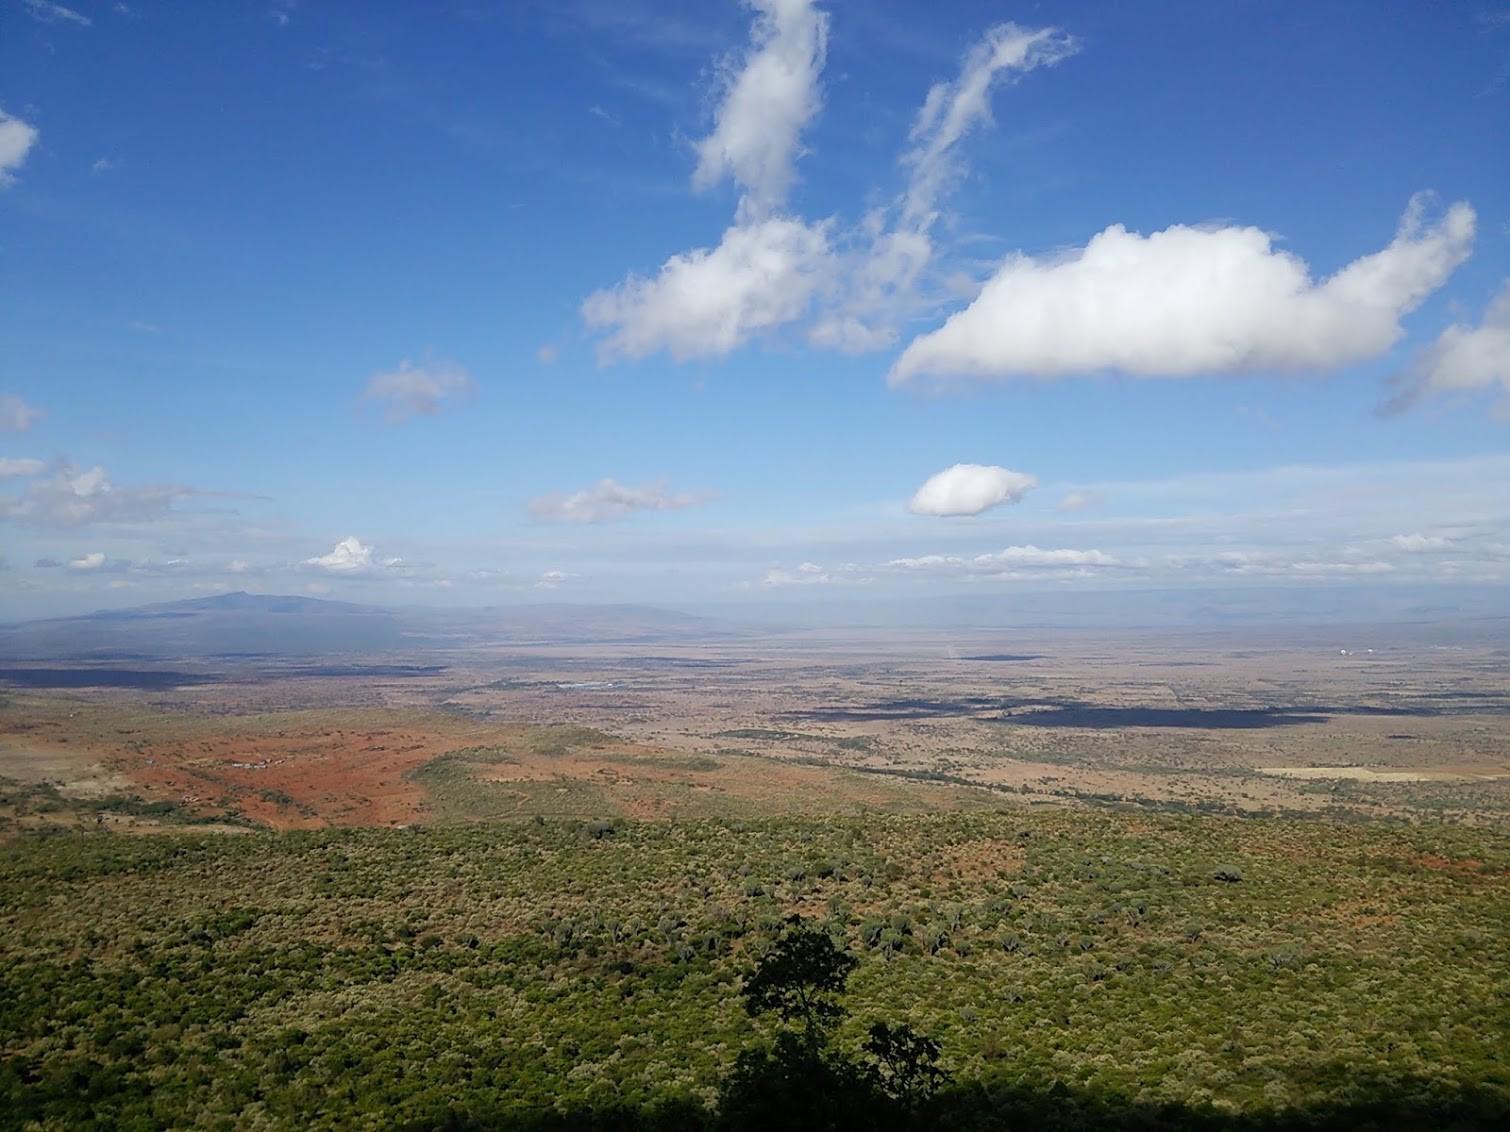 アフリカ ケニア海外研修紀行 大自然や人々のパワーに触れて人生観が変わった話 【ケニア到着編】